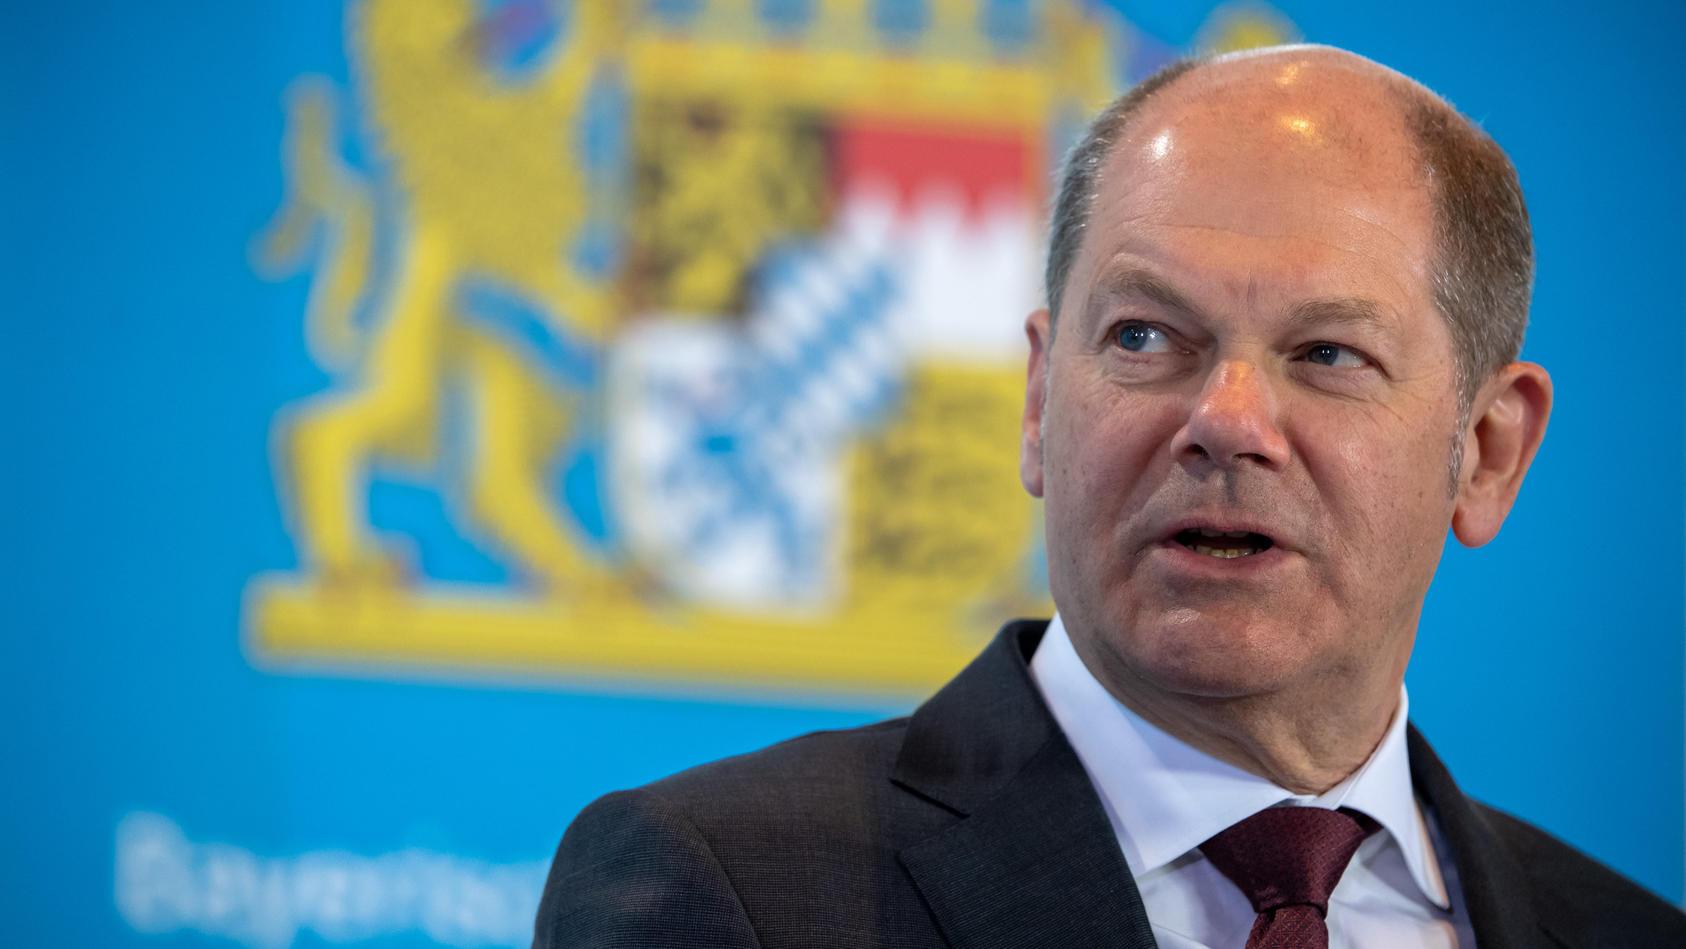 Coronavirus - München - Kabinettssitzung